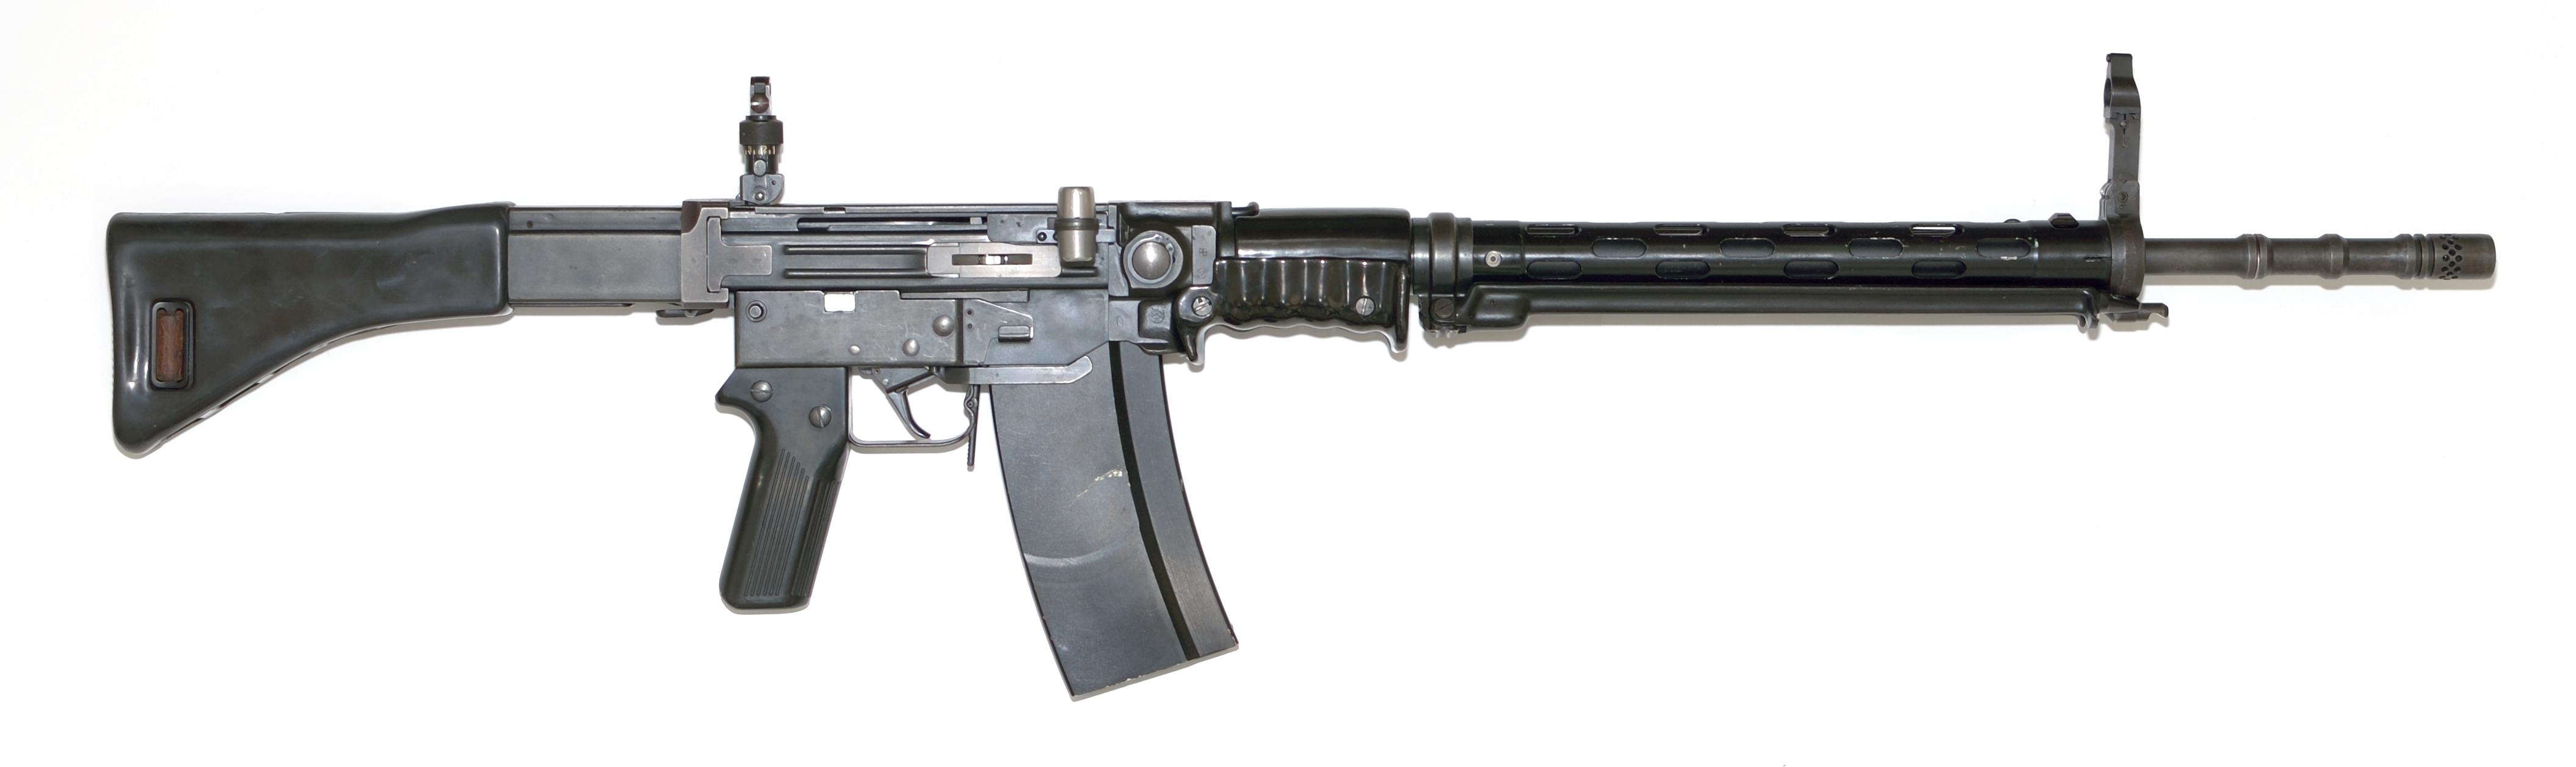 SIG SG 510